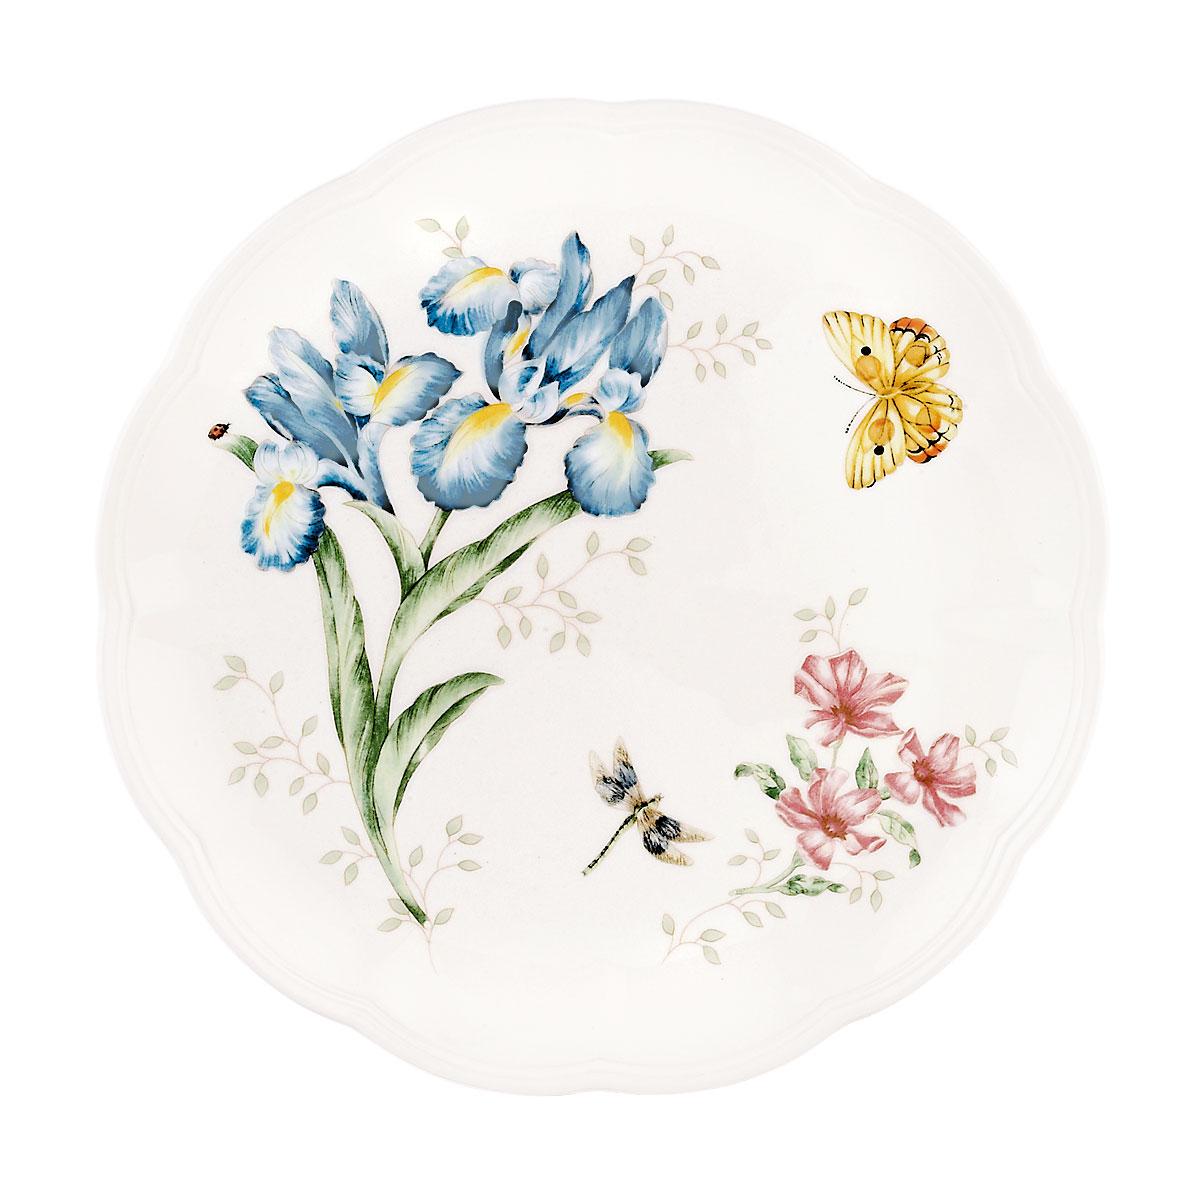 Lenox Butterfly Meadow Dinnerware Dinner